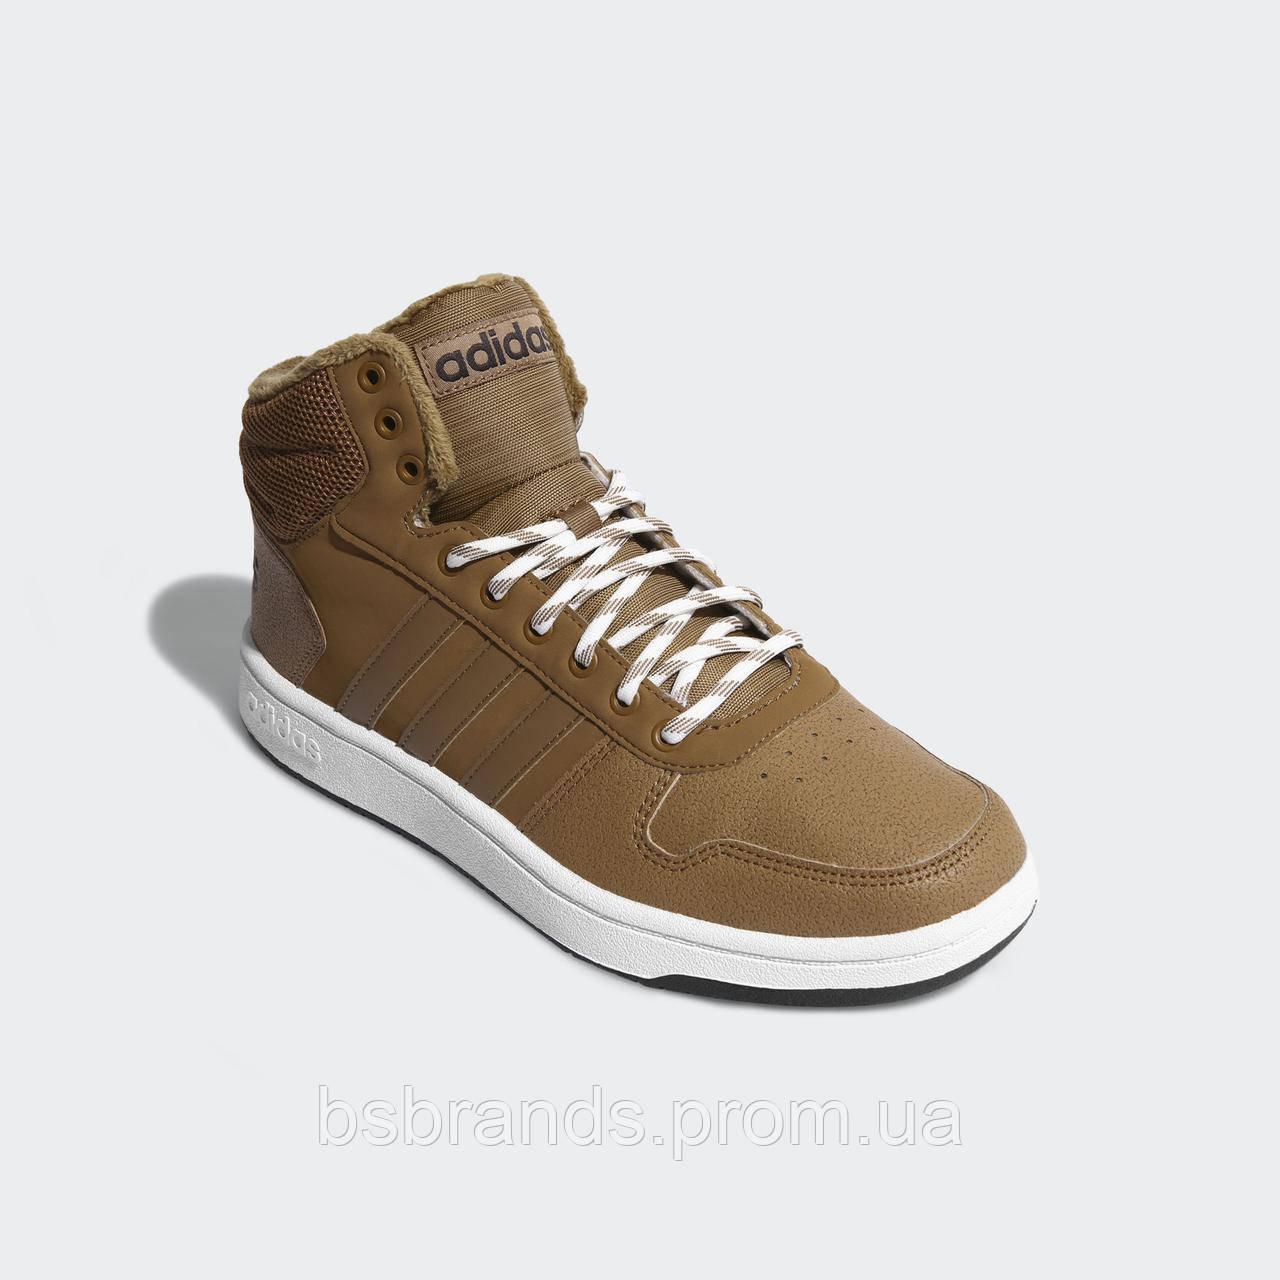 Чоловічі баскетбольні кросівки adidas Hoops 2.0 Mid CG7114